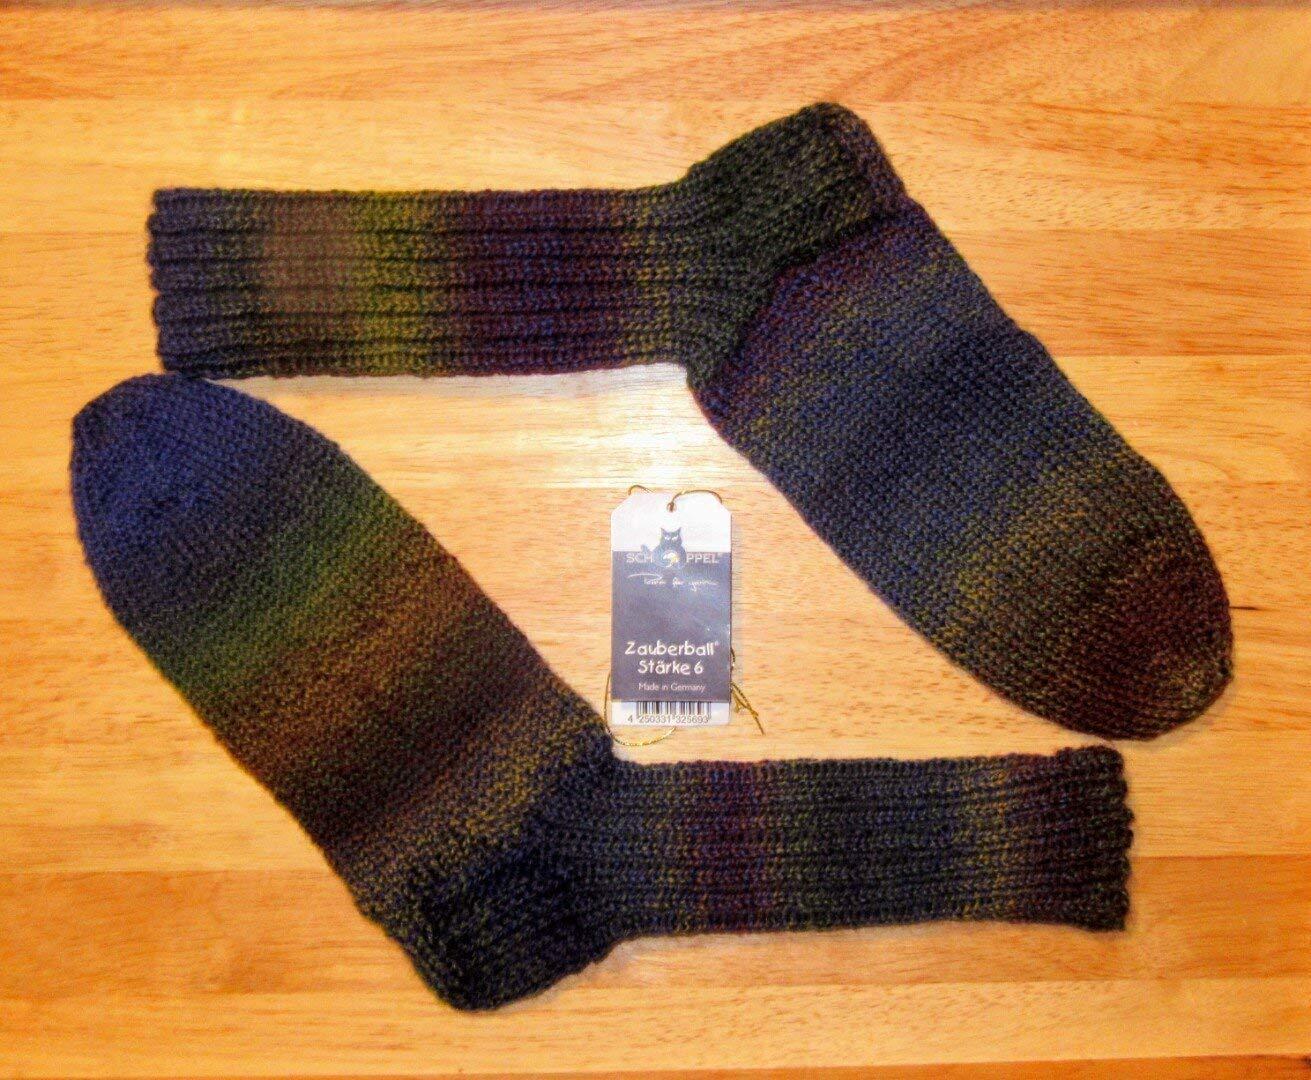 Tricoté à la main/chaussettes en laine/Schoppel -'Meilenstein' / Gr. 36-37/38-39/40-41/42-43/44 / 6 ply/Femme / Homme /